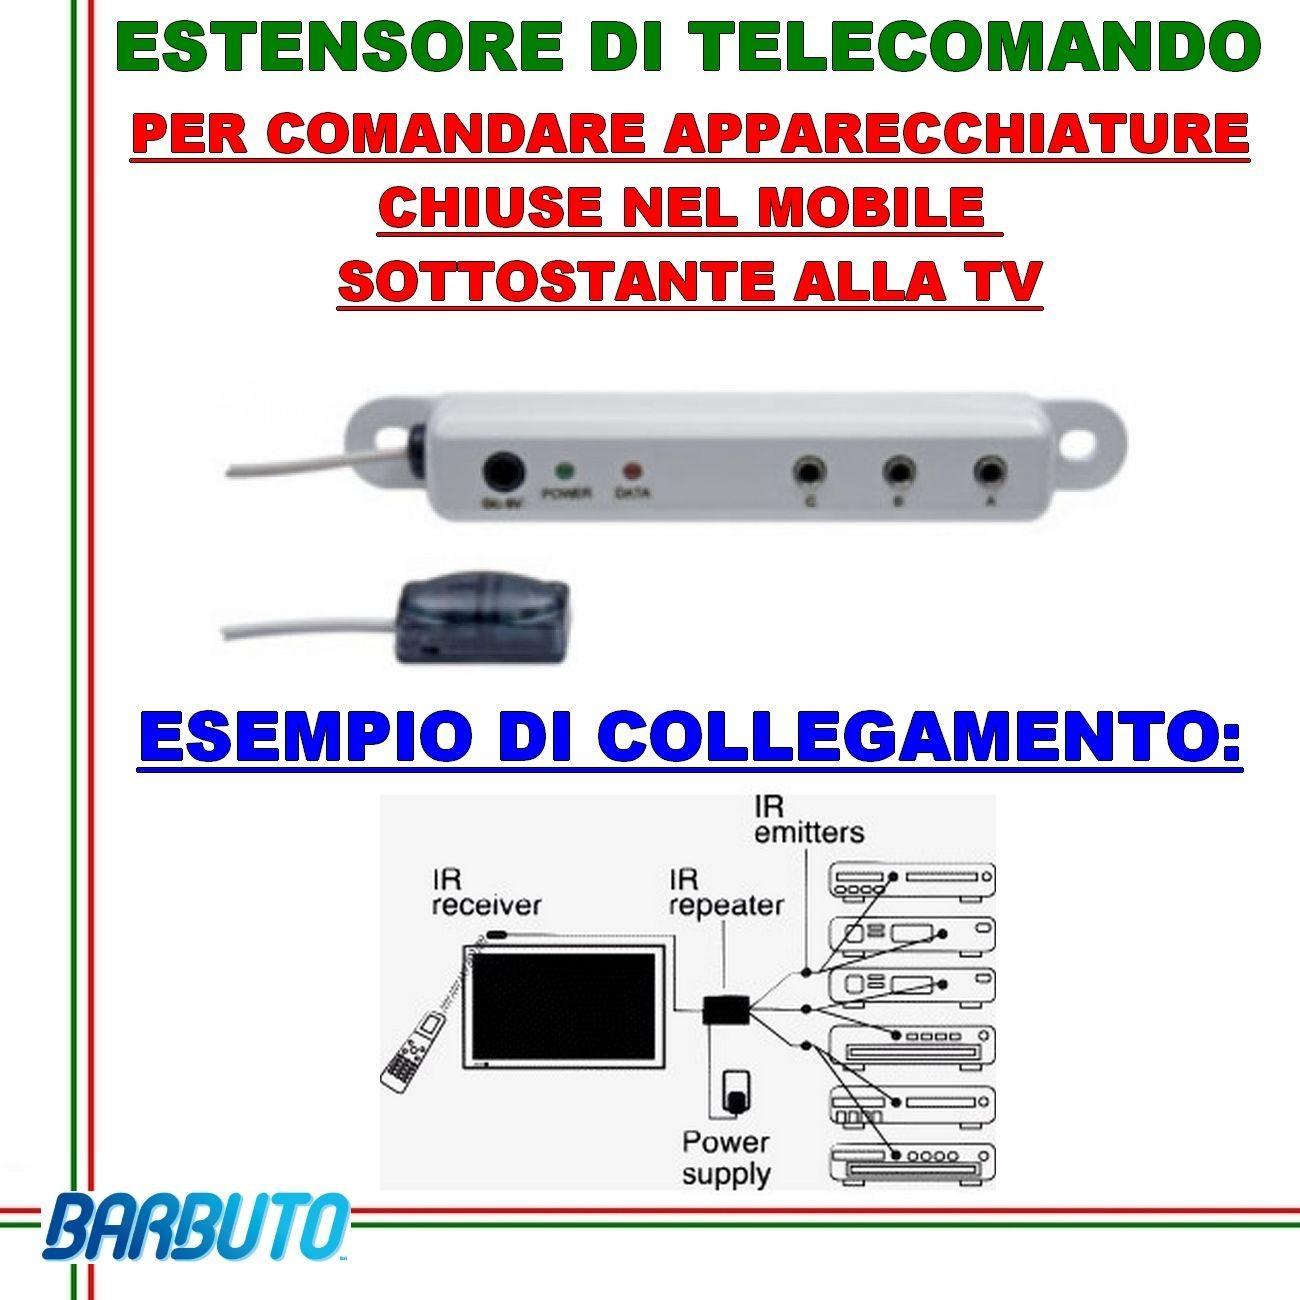 TRASMETTITORE RIPETITORE ESTENSORE DI TELECOMANDO A FILO CAVO COASSIALE